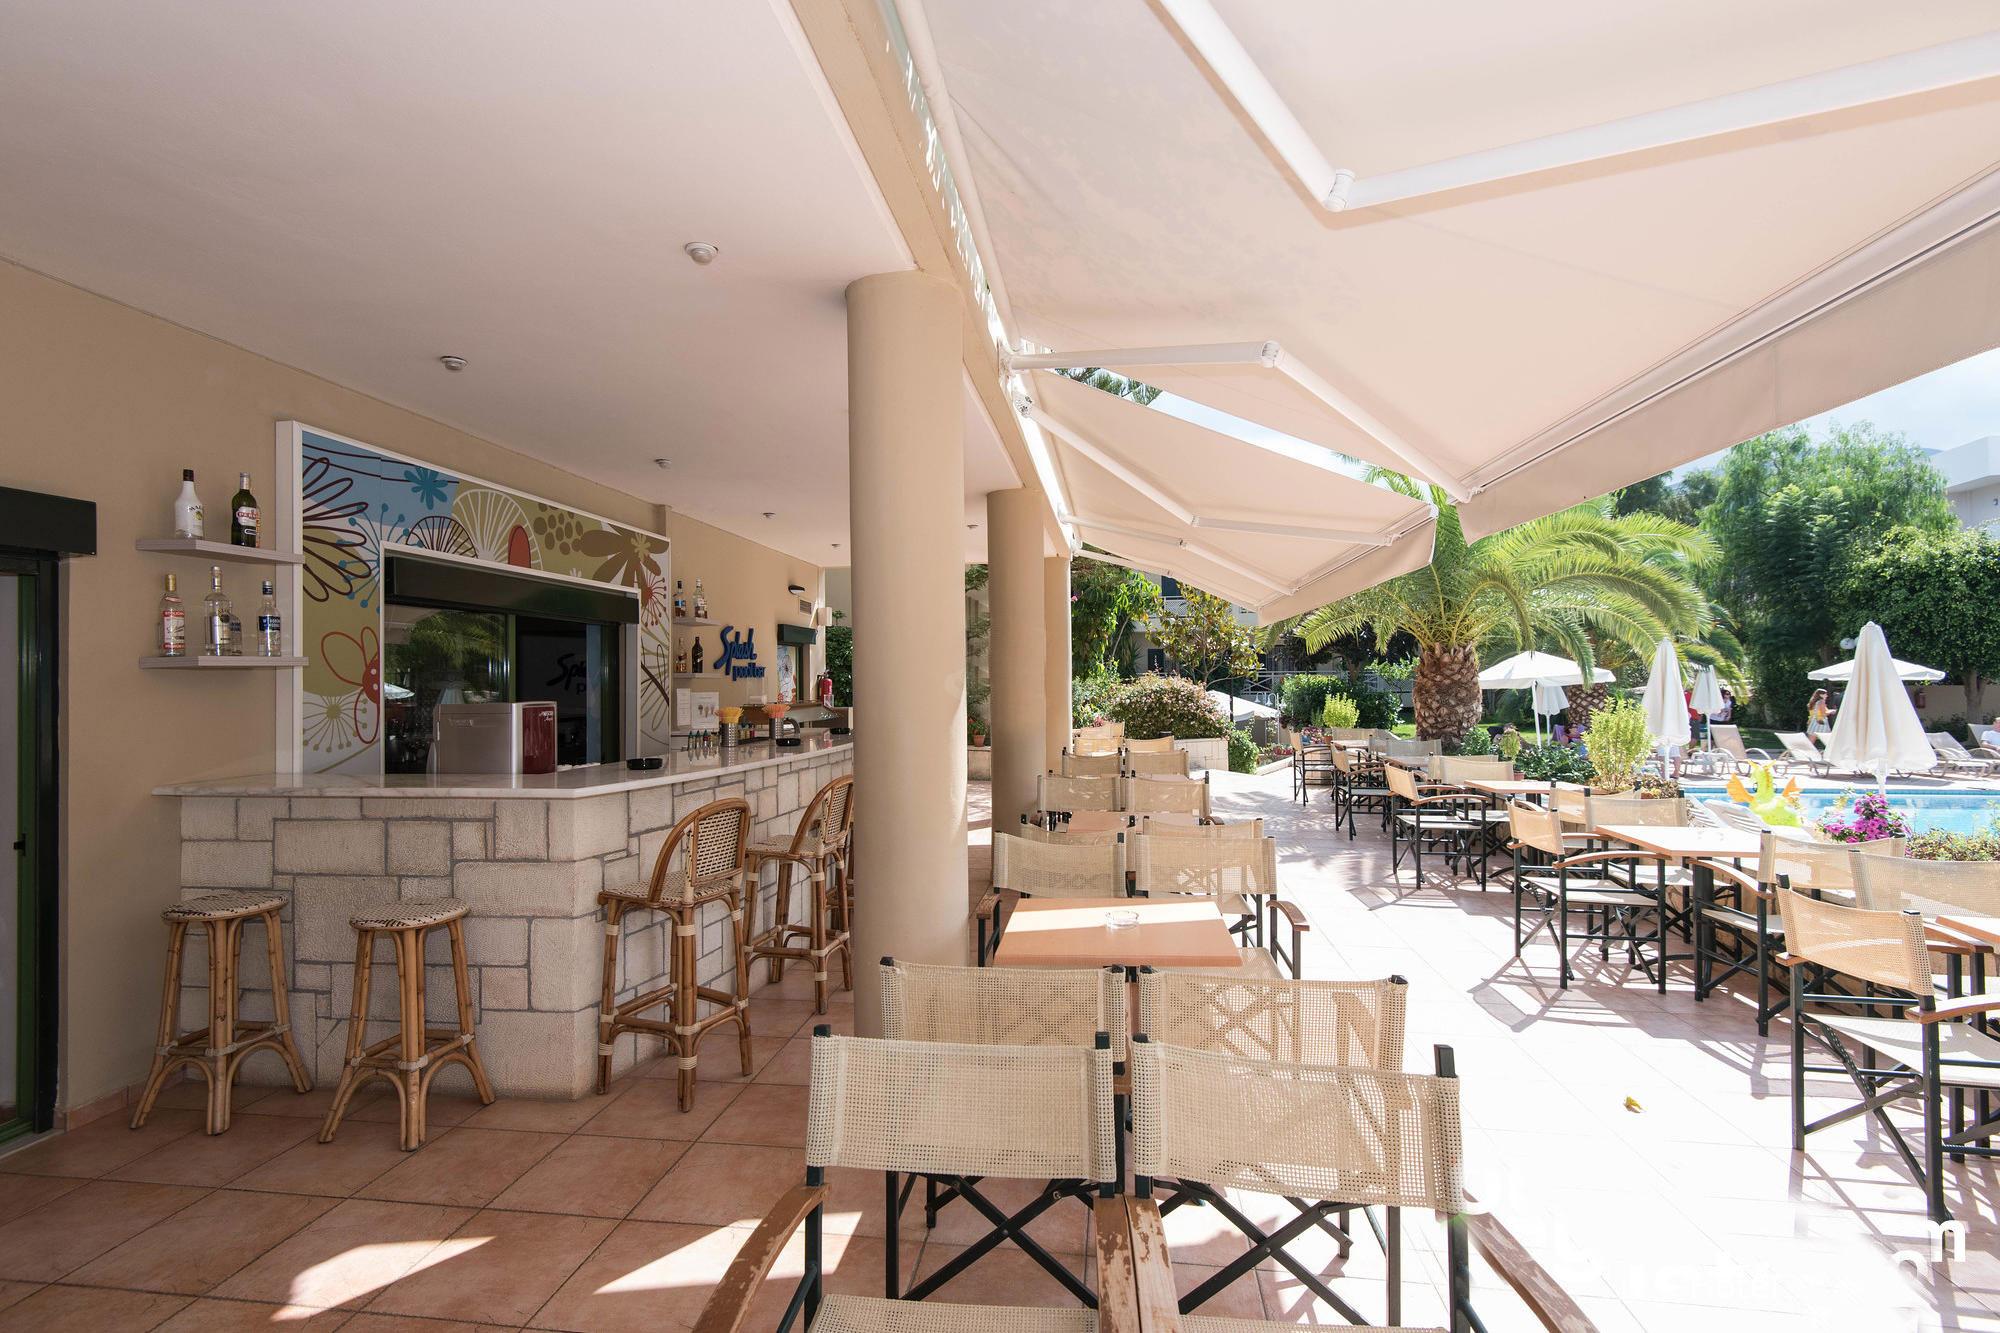 Splash Main bar & Pool Bar